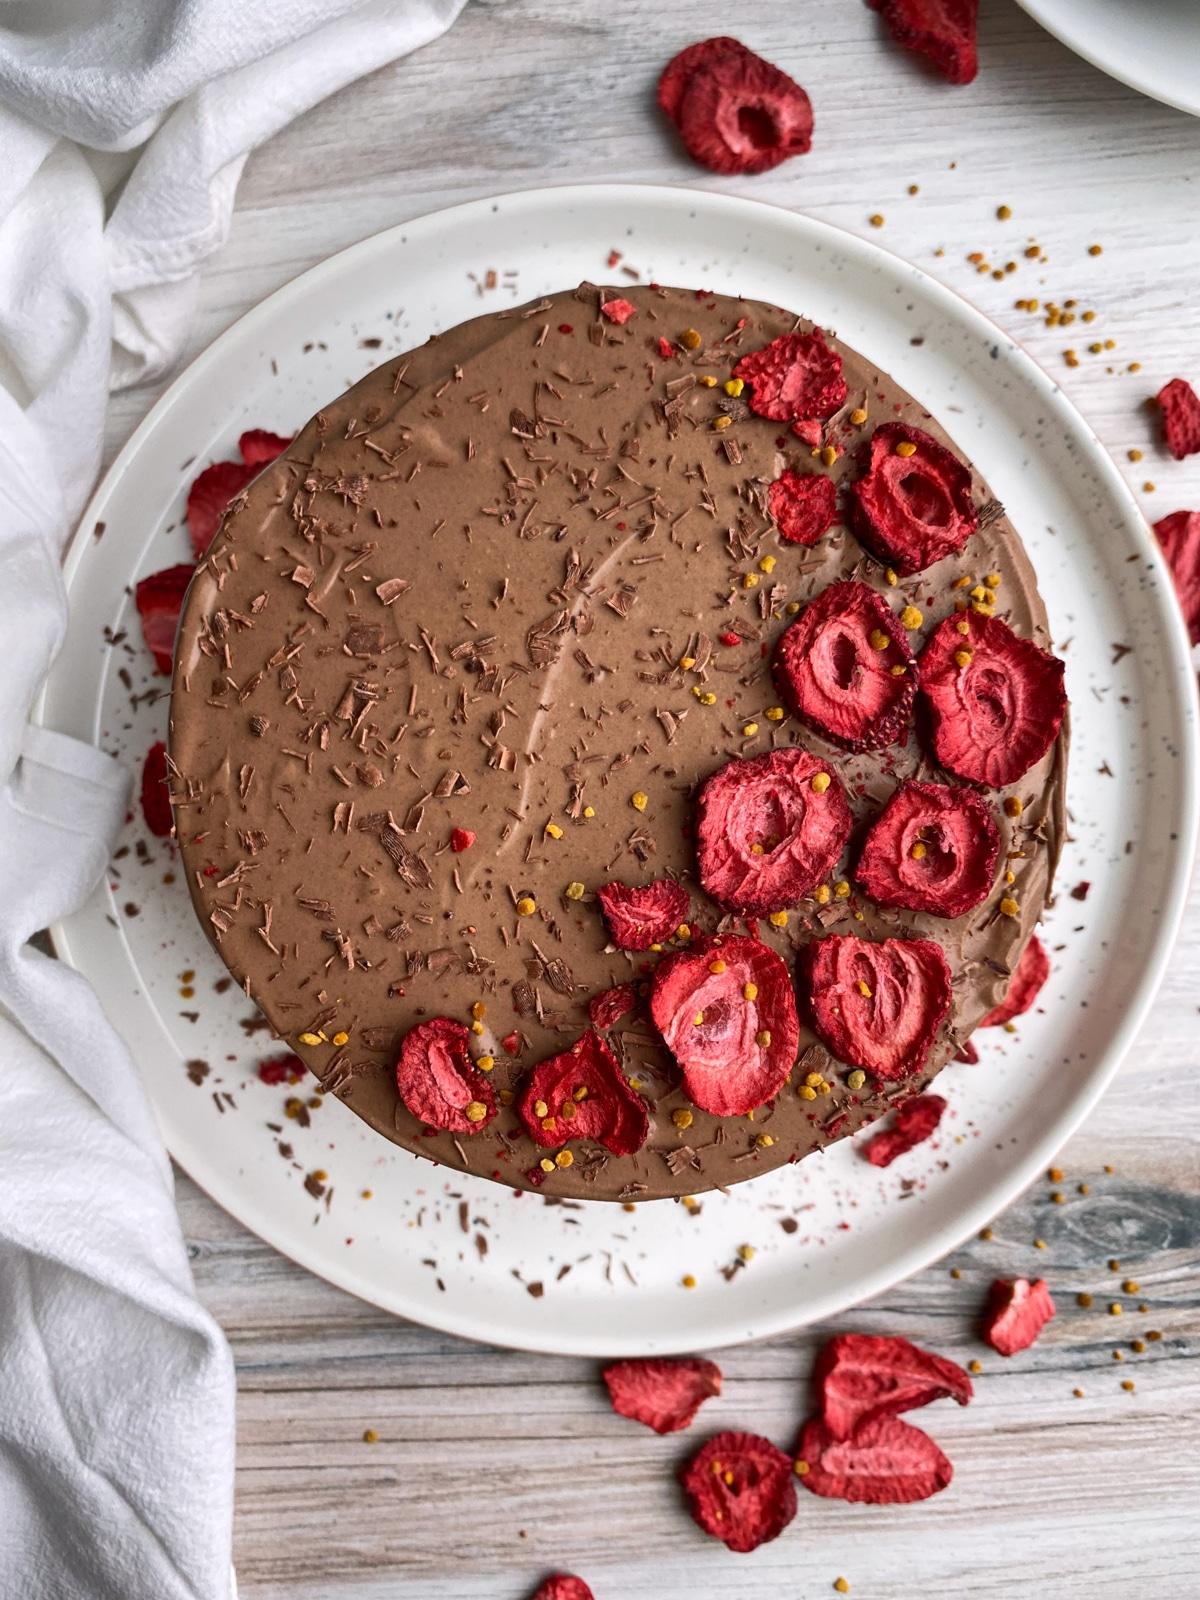 top-view-of-nut-free-paleo-chocolate-cake